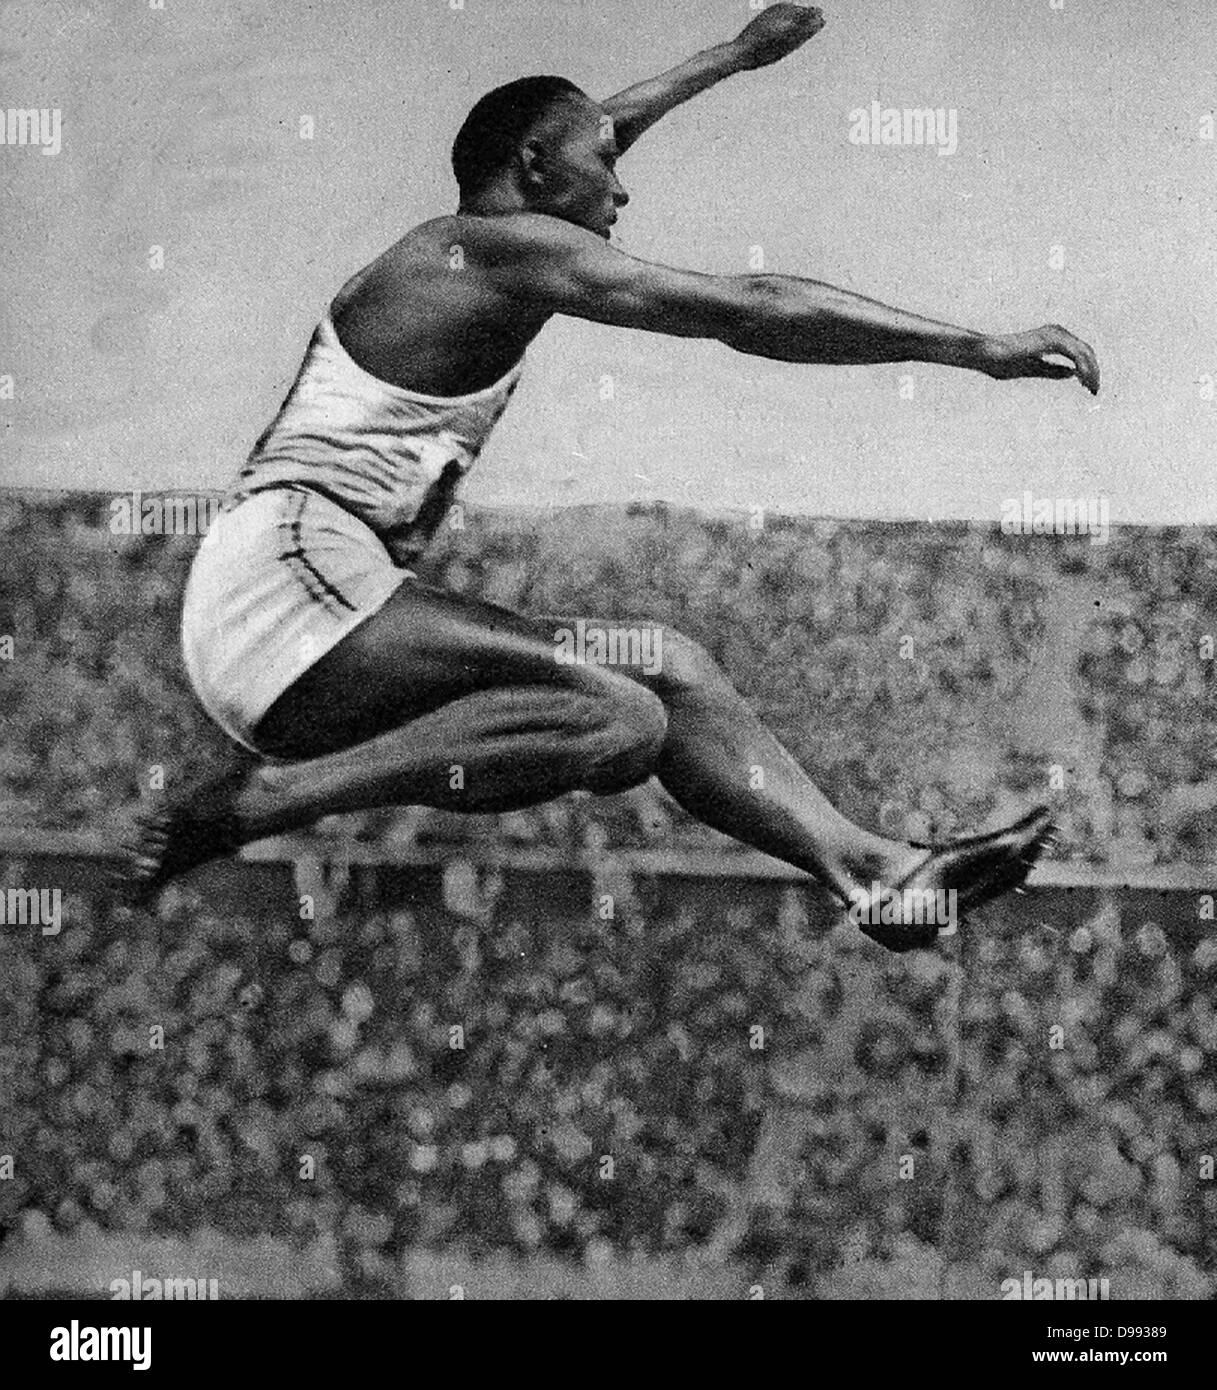 Jesse Owens (1913 - 1980), athlète américain. Il a participé à l'été de 1936 Jeux Photo Stock